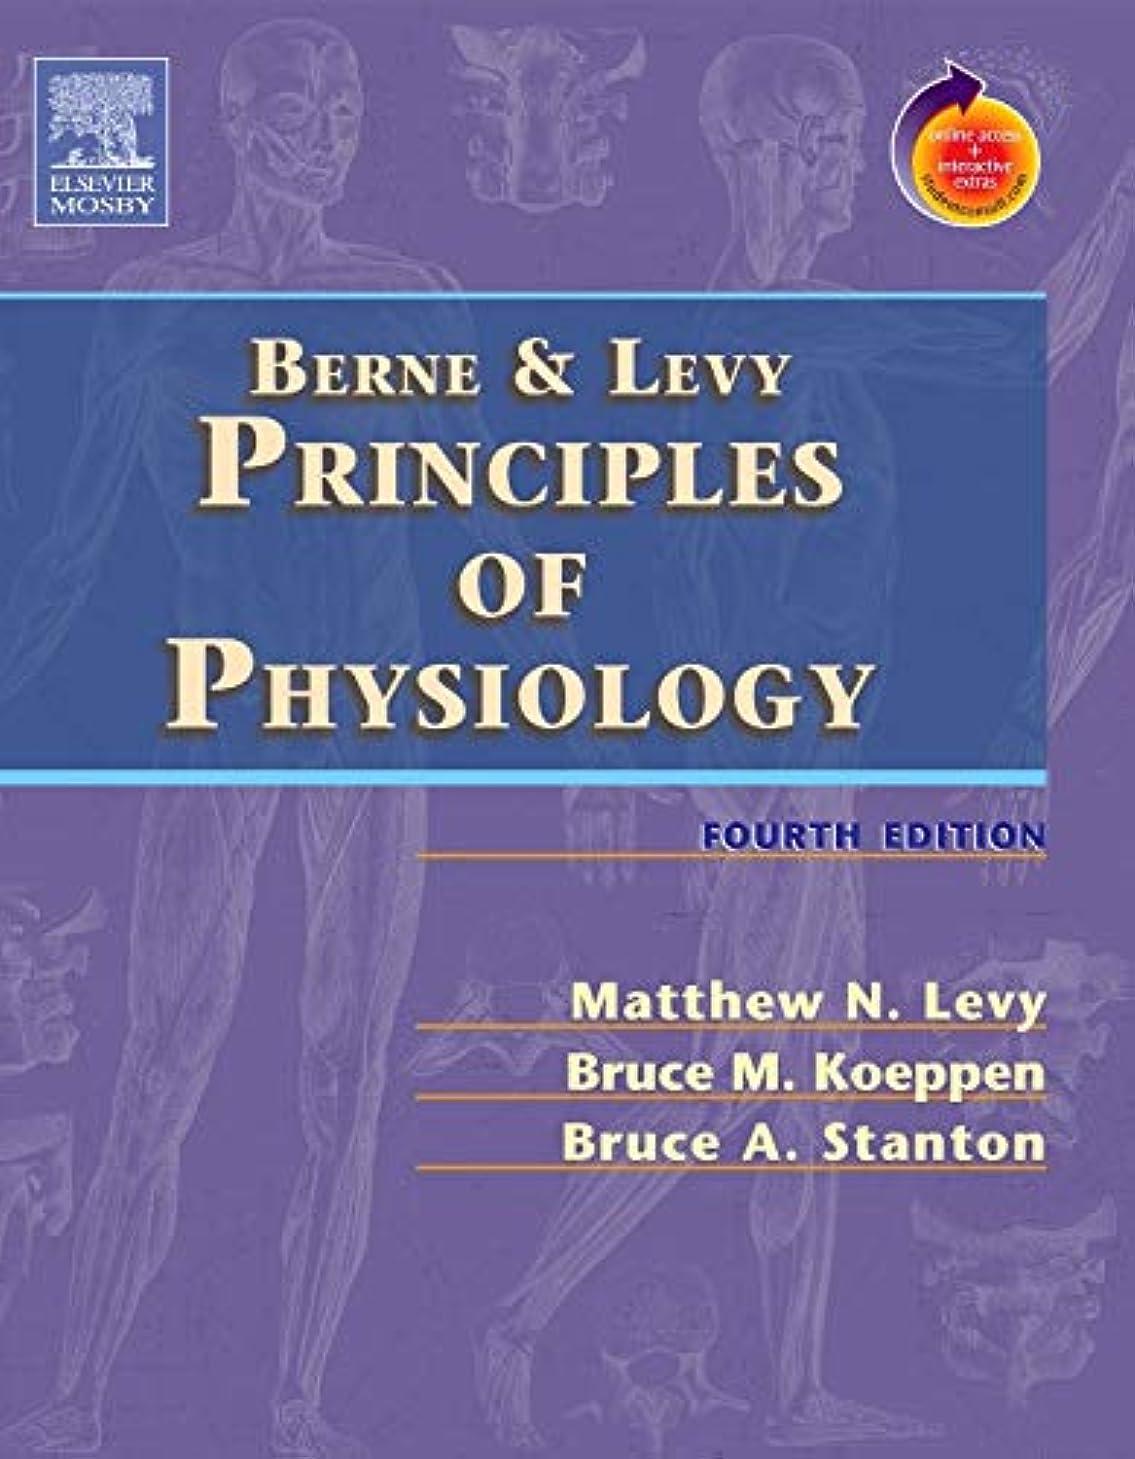 反逆売り手消毒するBerne & Levy Principles of Physiology: With STUDENT CONSULT Online Access, 4e